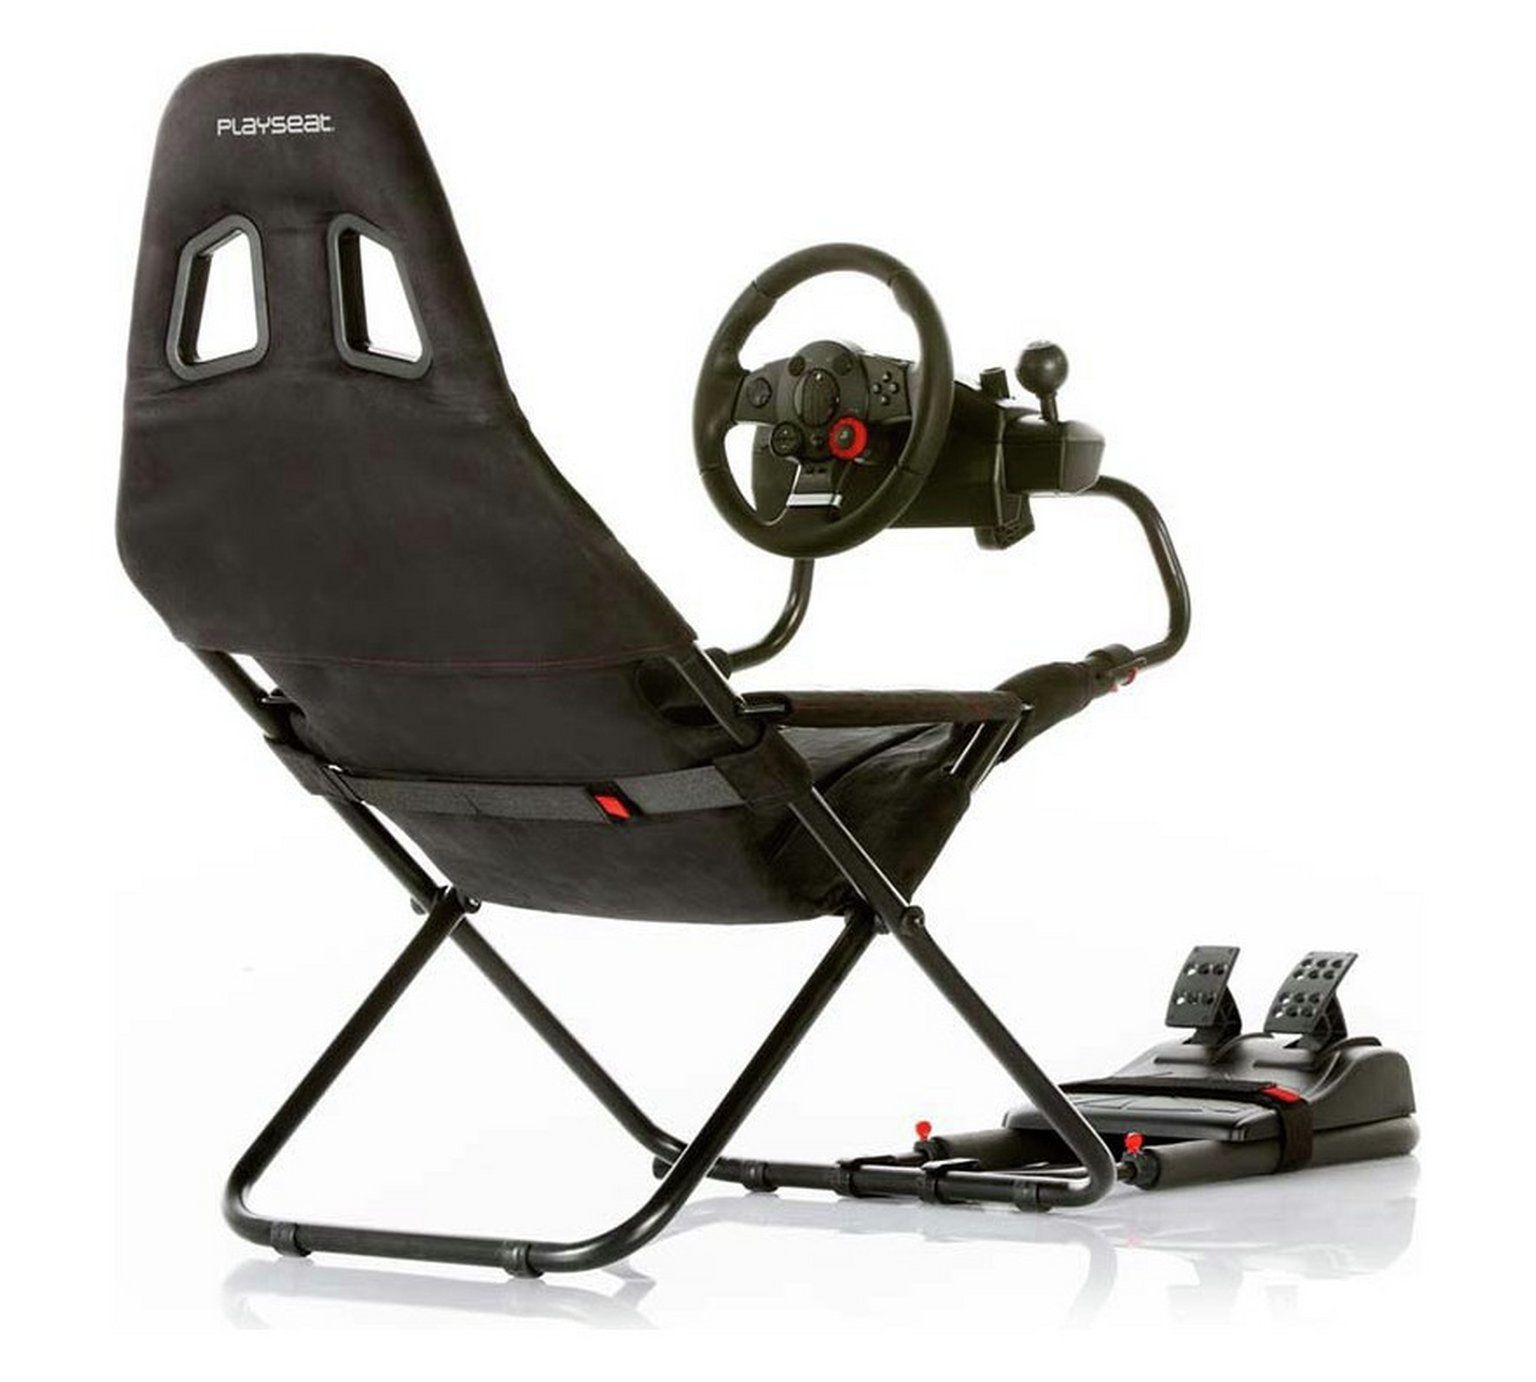 Buy Playseat Challenge Racing Seat at Argos visit Argos